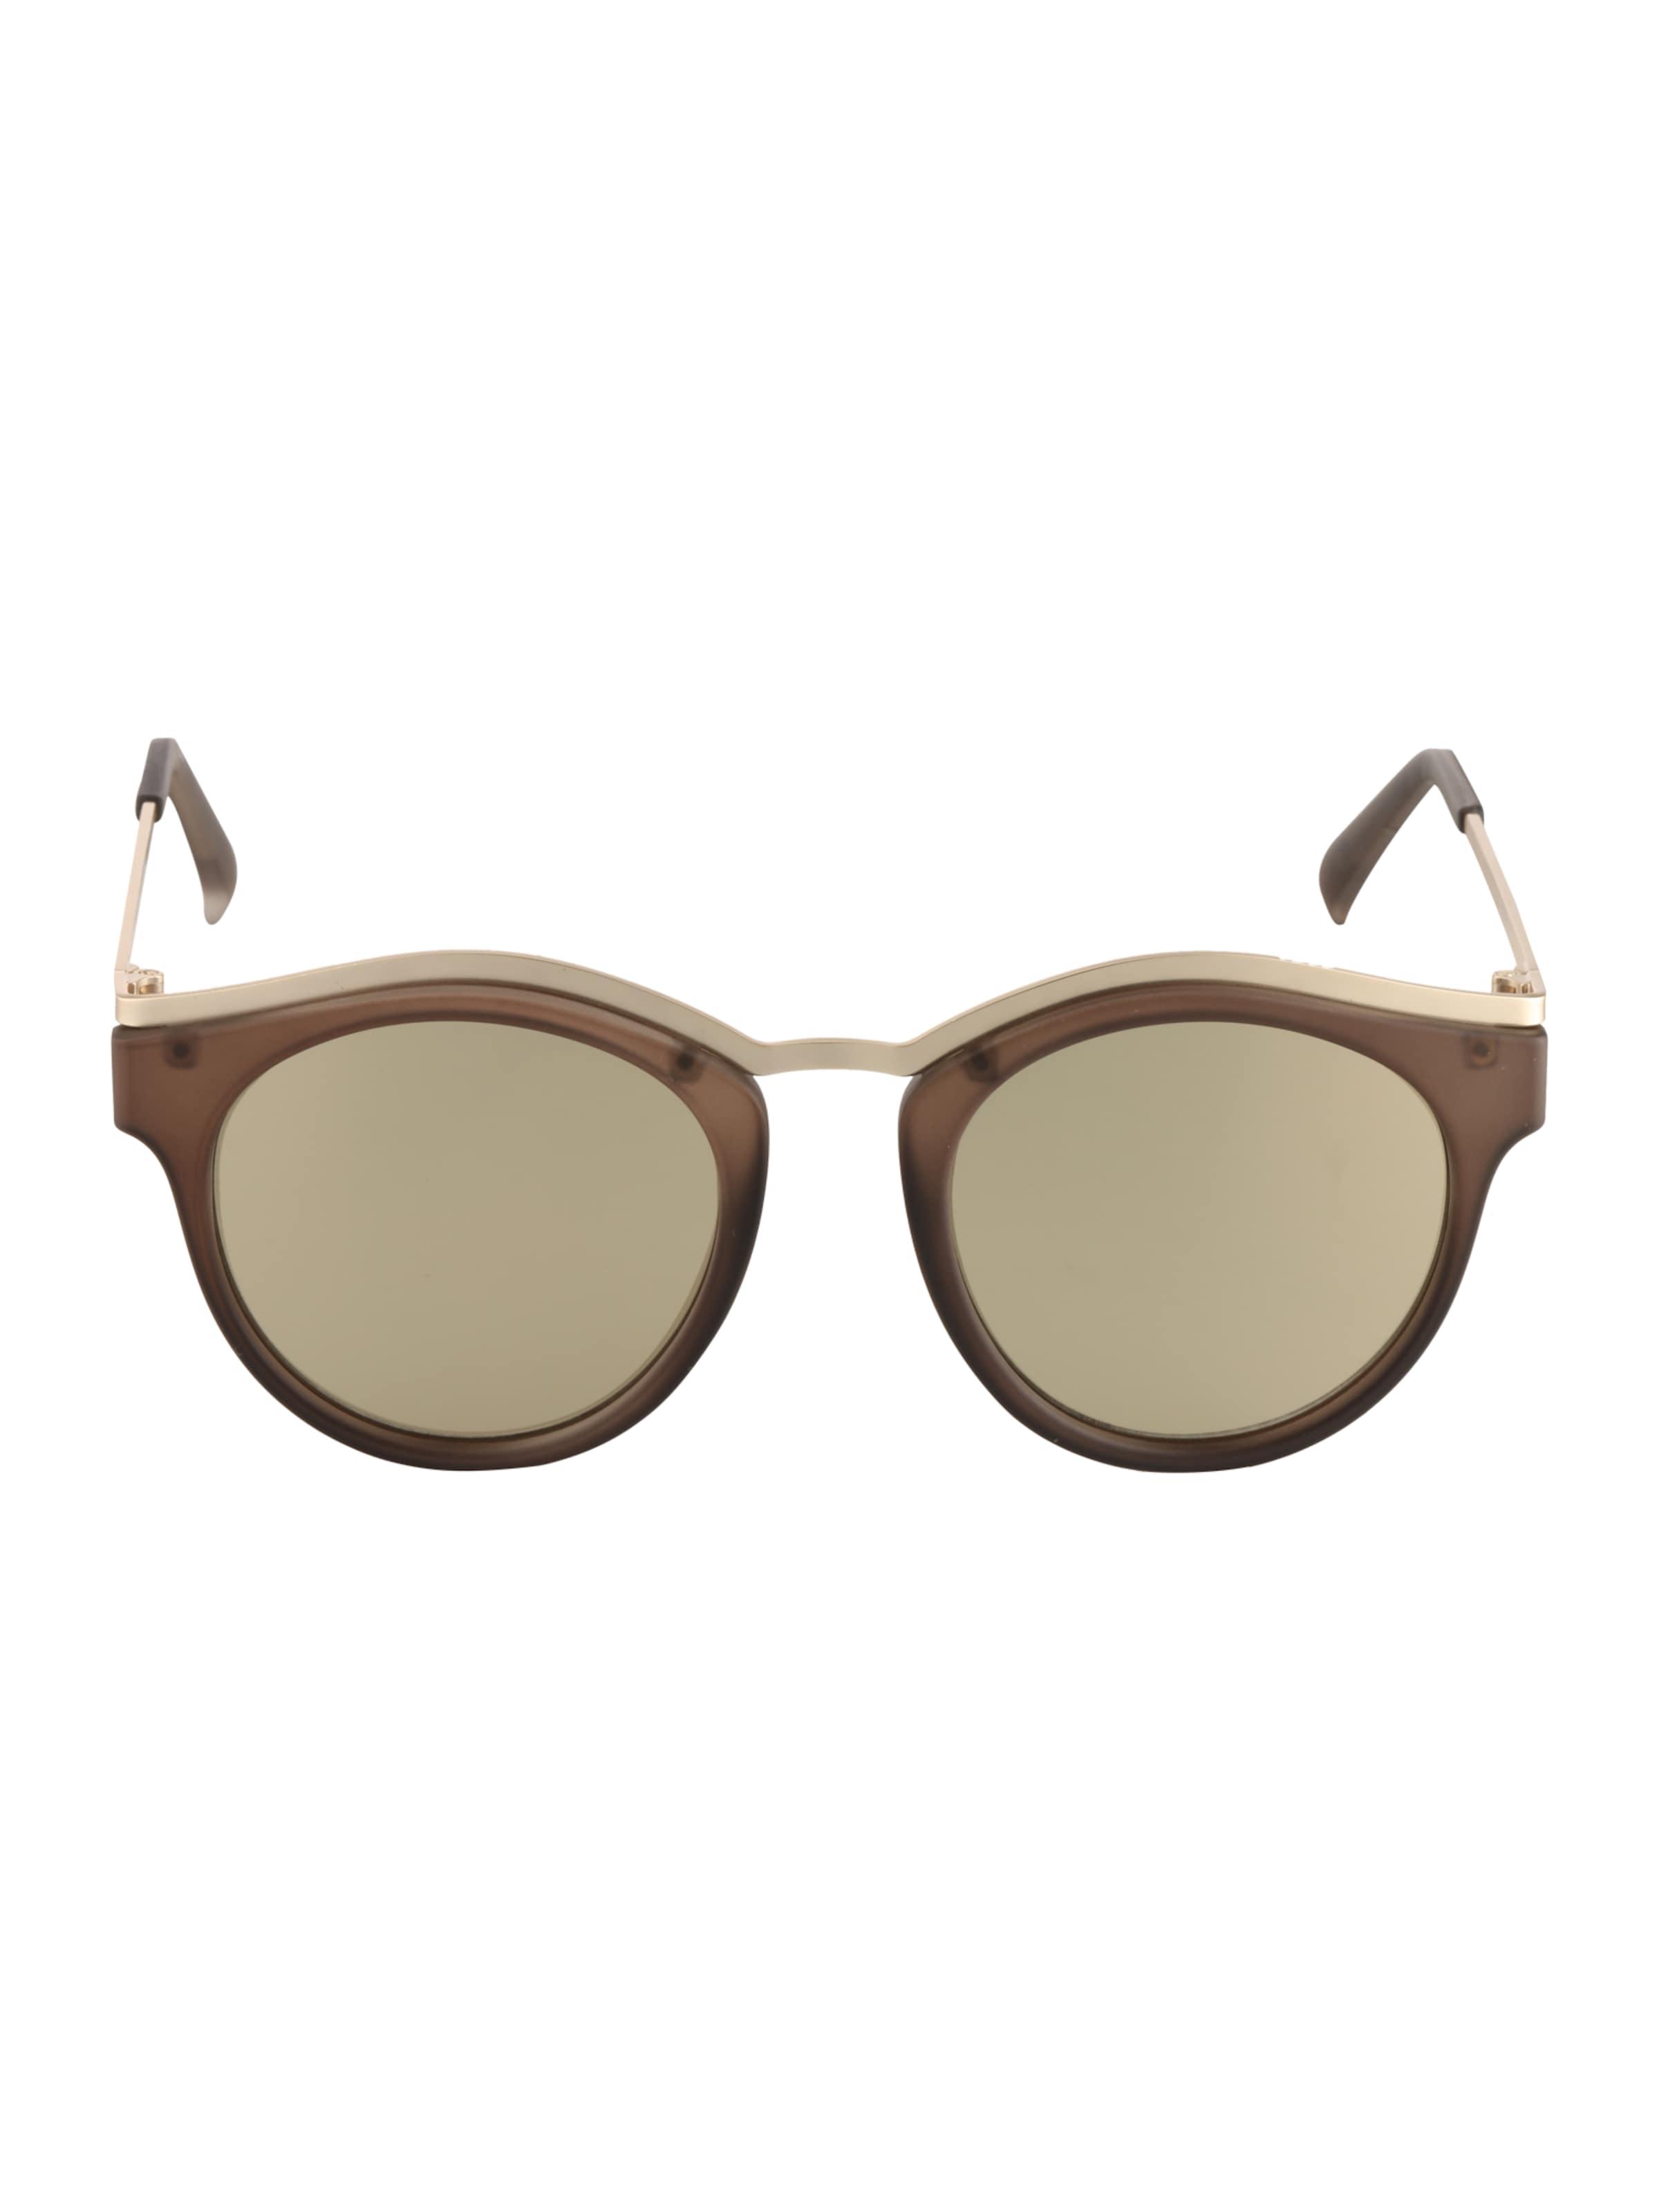 LE SPECS Sonnenbrille 'HYPNOTIZE' Wahl Günstiger Preis Verkaufsauftrag Auslass Finish klNhXUW